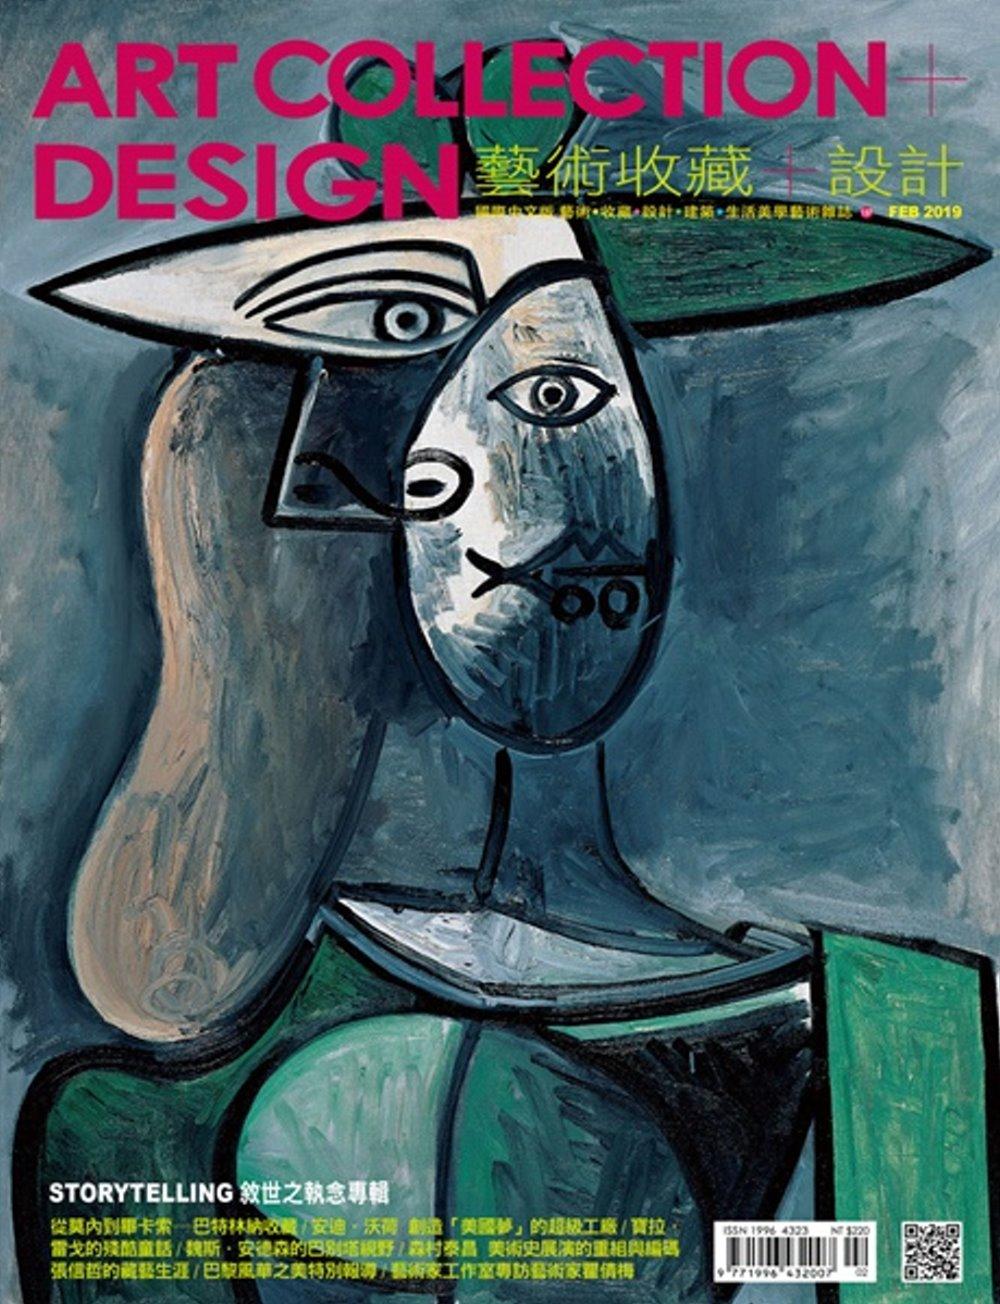 藝術收藏+設計 2月號/2019 第137期